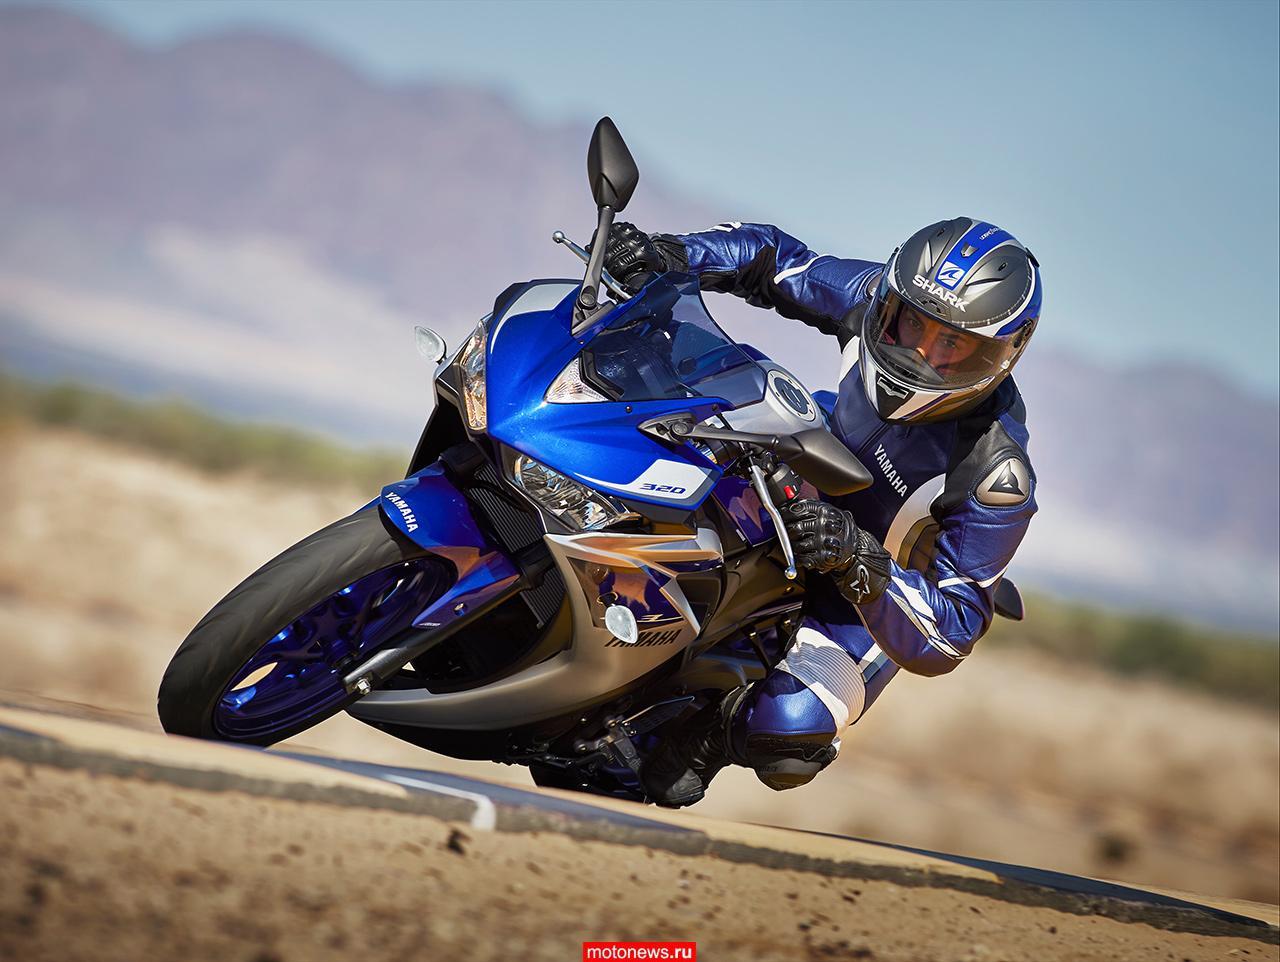 Мотоцикл Yamaha YZF-R3 официально приходит в Россию